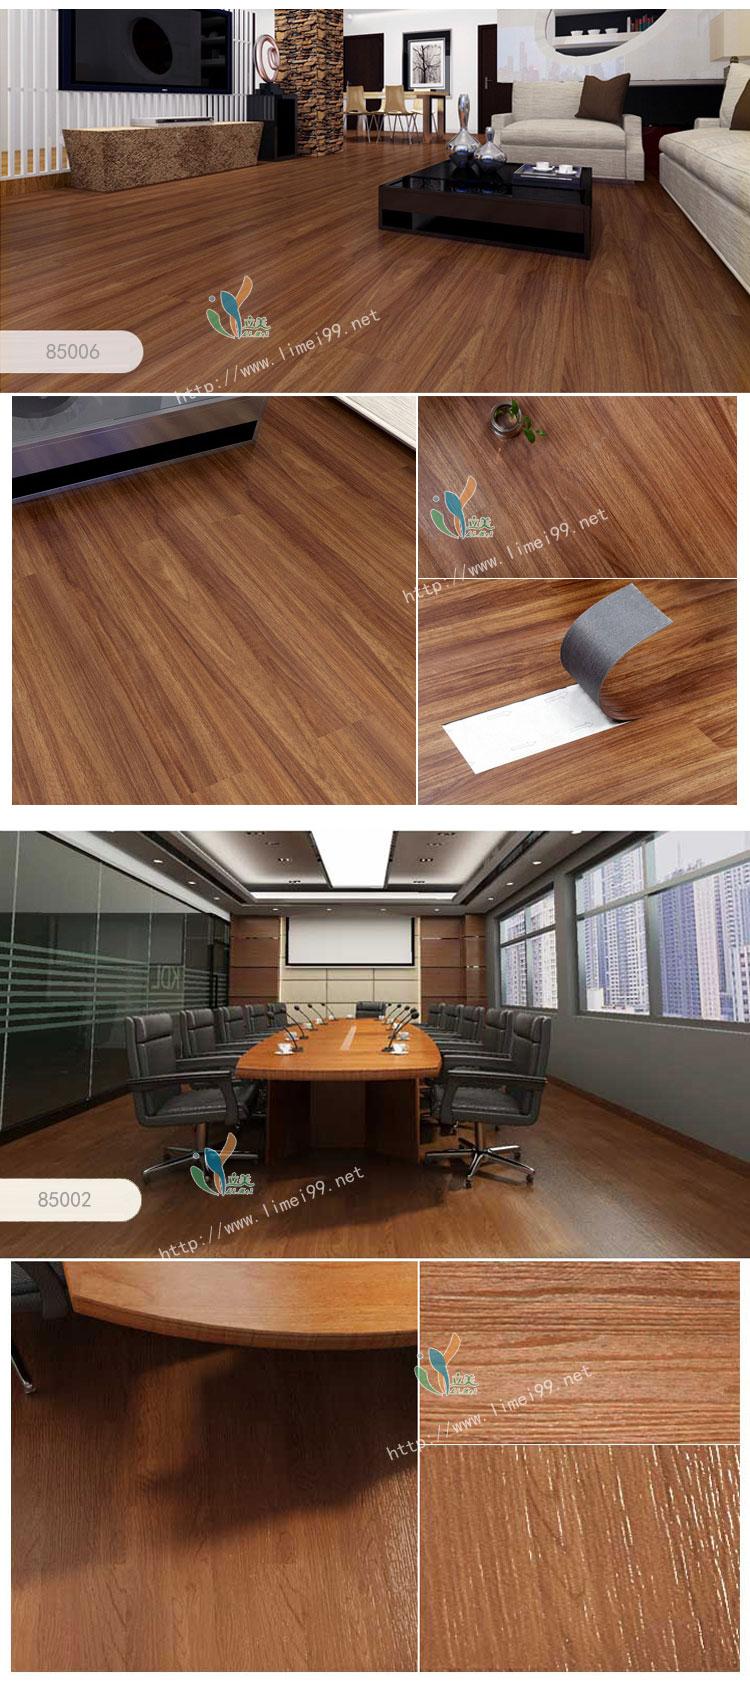 免胶仿木纹地板革